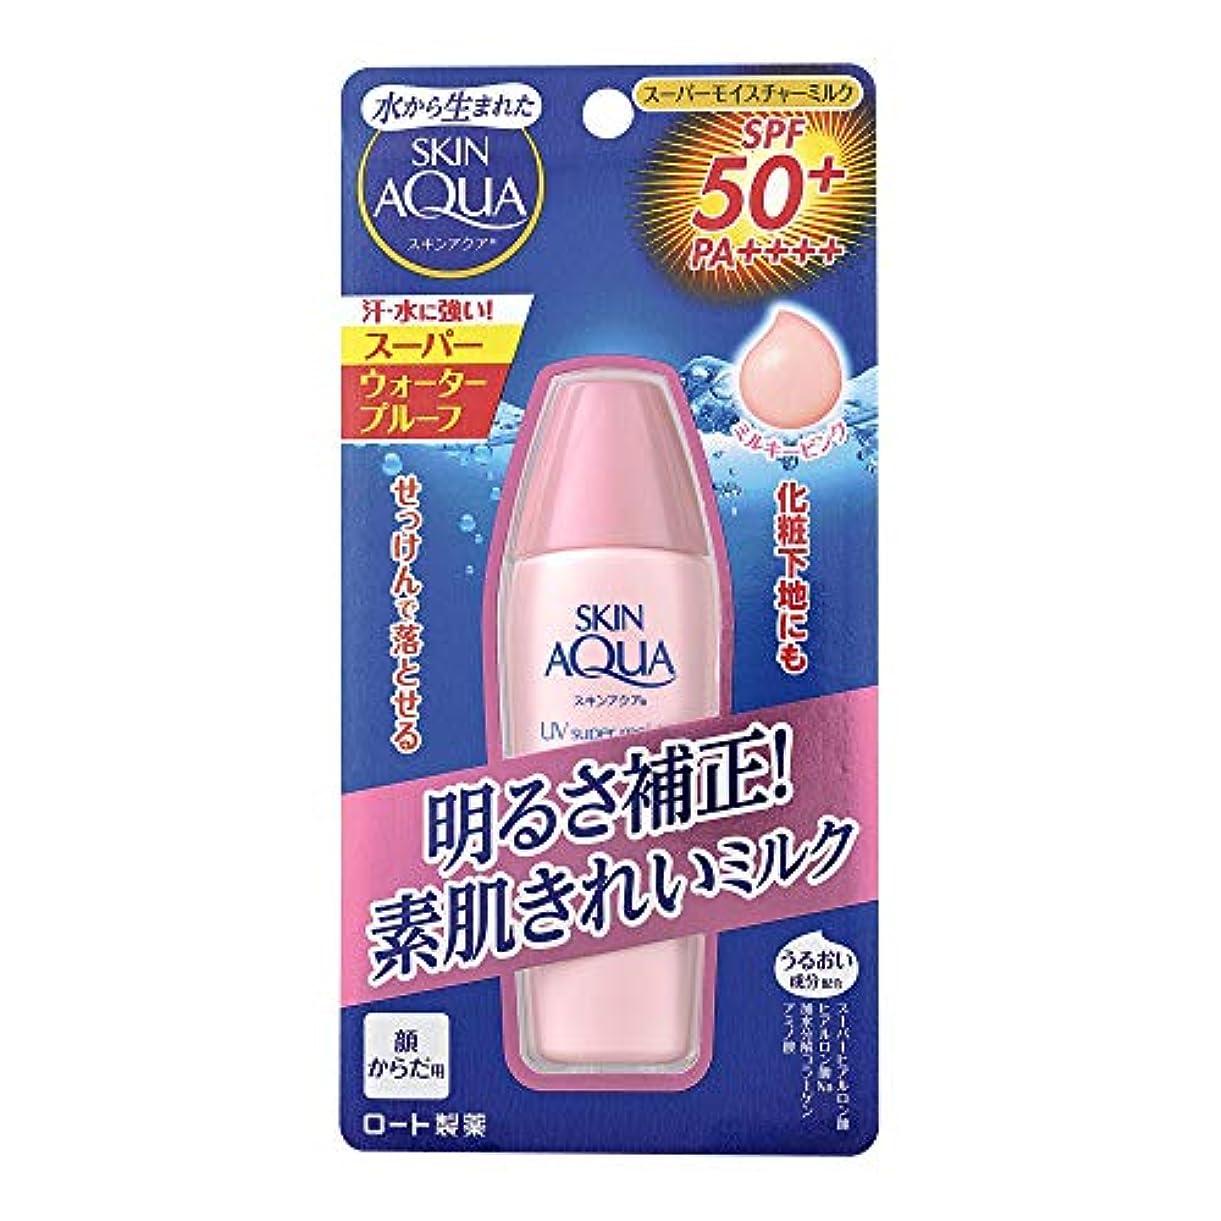 裏切り者シーン本気スキンアクア (SKIN AQUA) 日焼け止め スーパーモイスチャーミルク 潤い成分4種配合 水感ミルク ミルキーピンク (SPF50 PA++++) 40mL ※スーパーウォータープルーフ